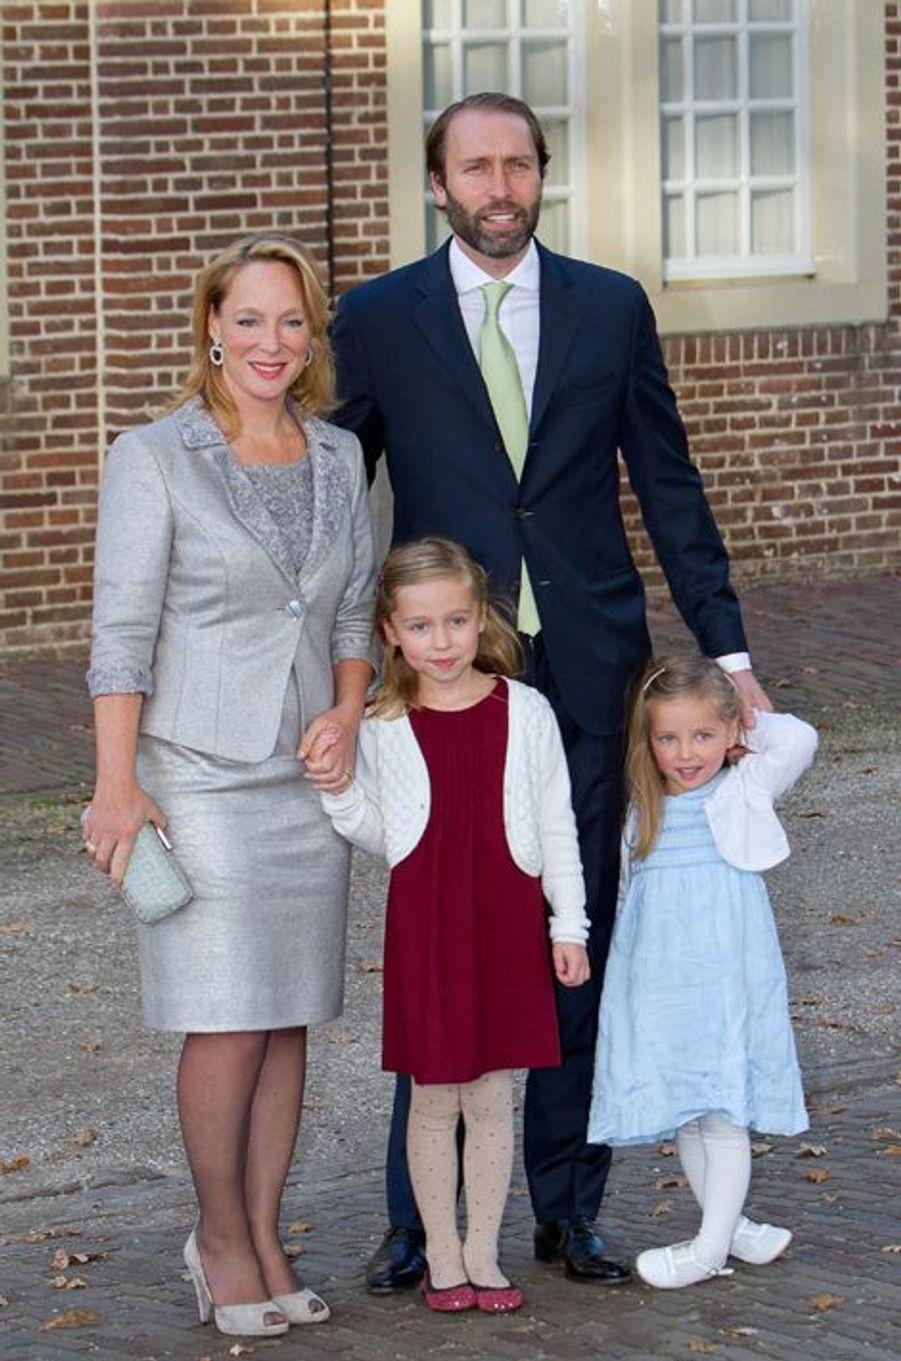 Le princesse Margarita de Bourbon-Parme, cousine de Floris, avec son mari et leurs enfants à Apeldoorn le 9 novembre 2014